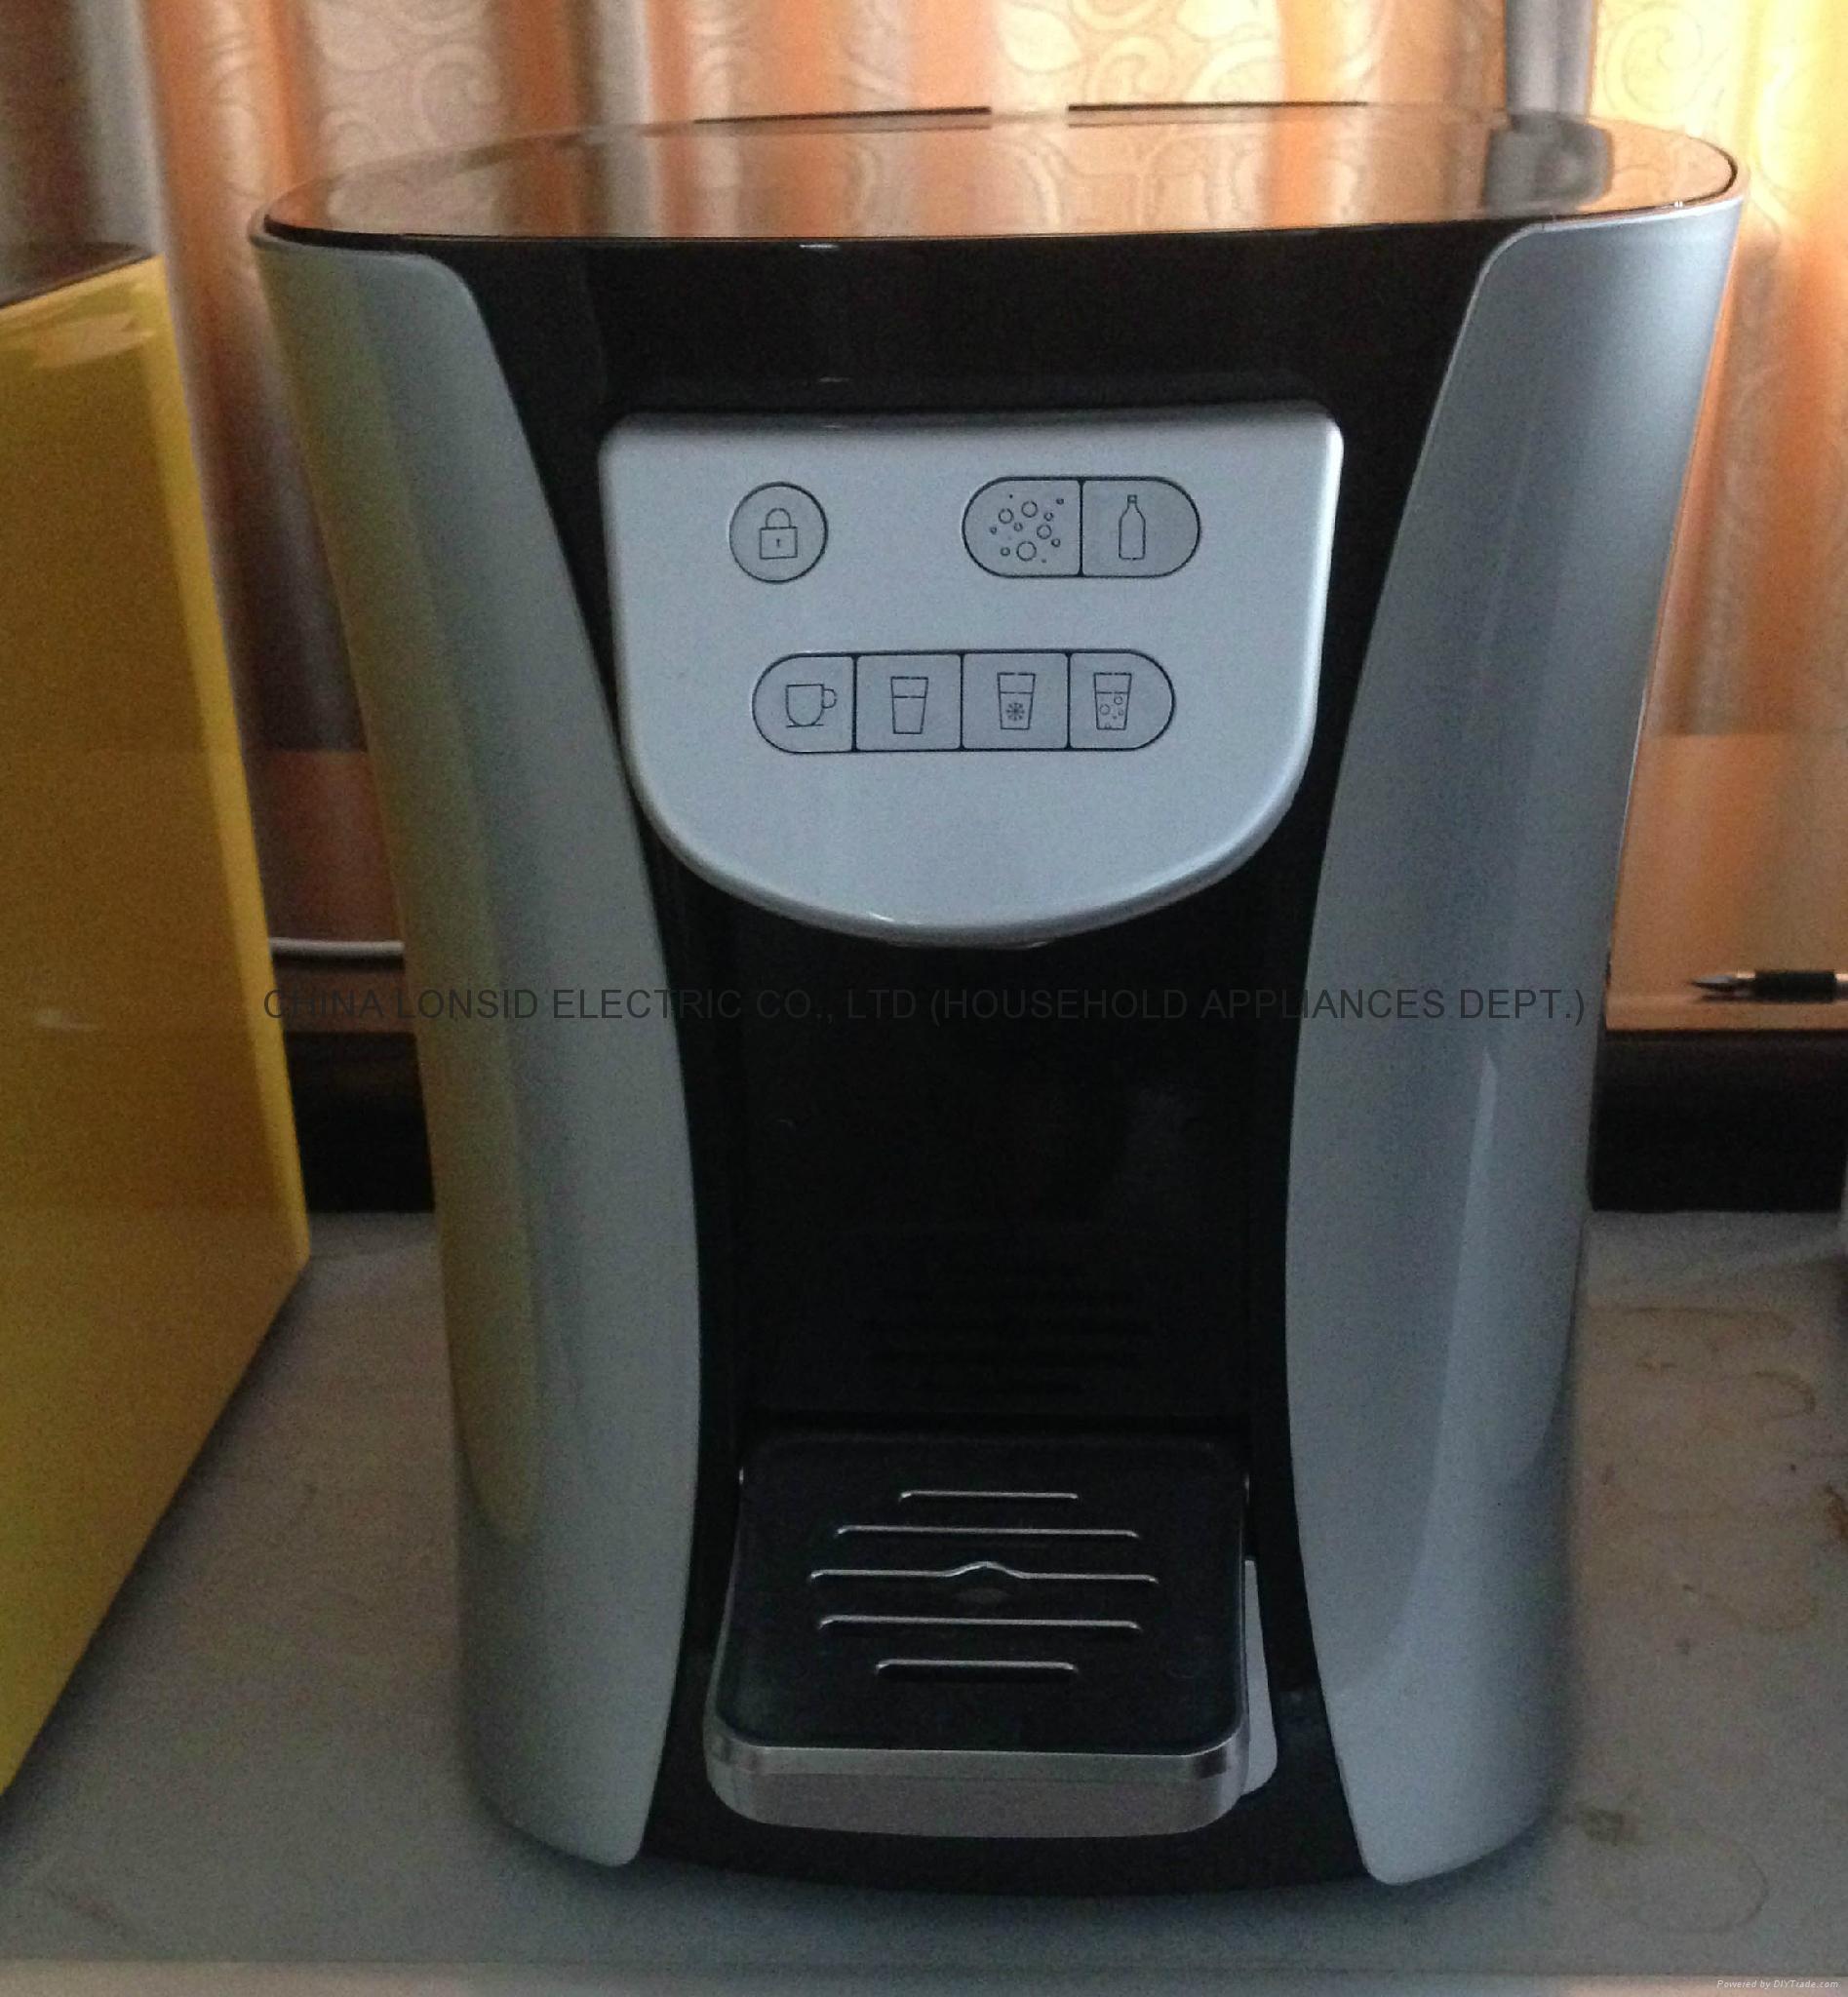 苏打水饮水机 3